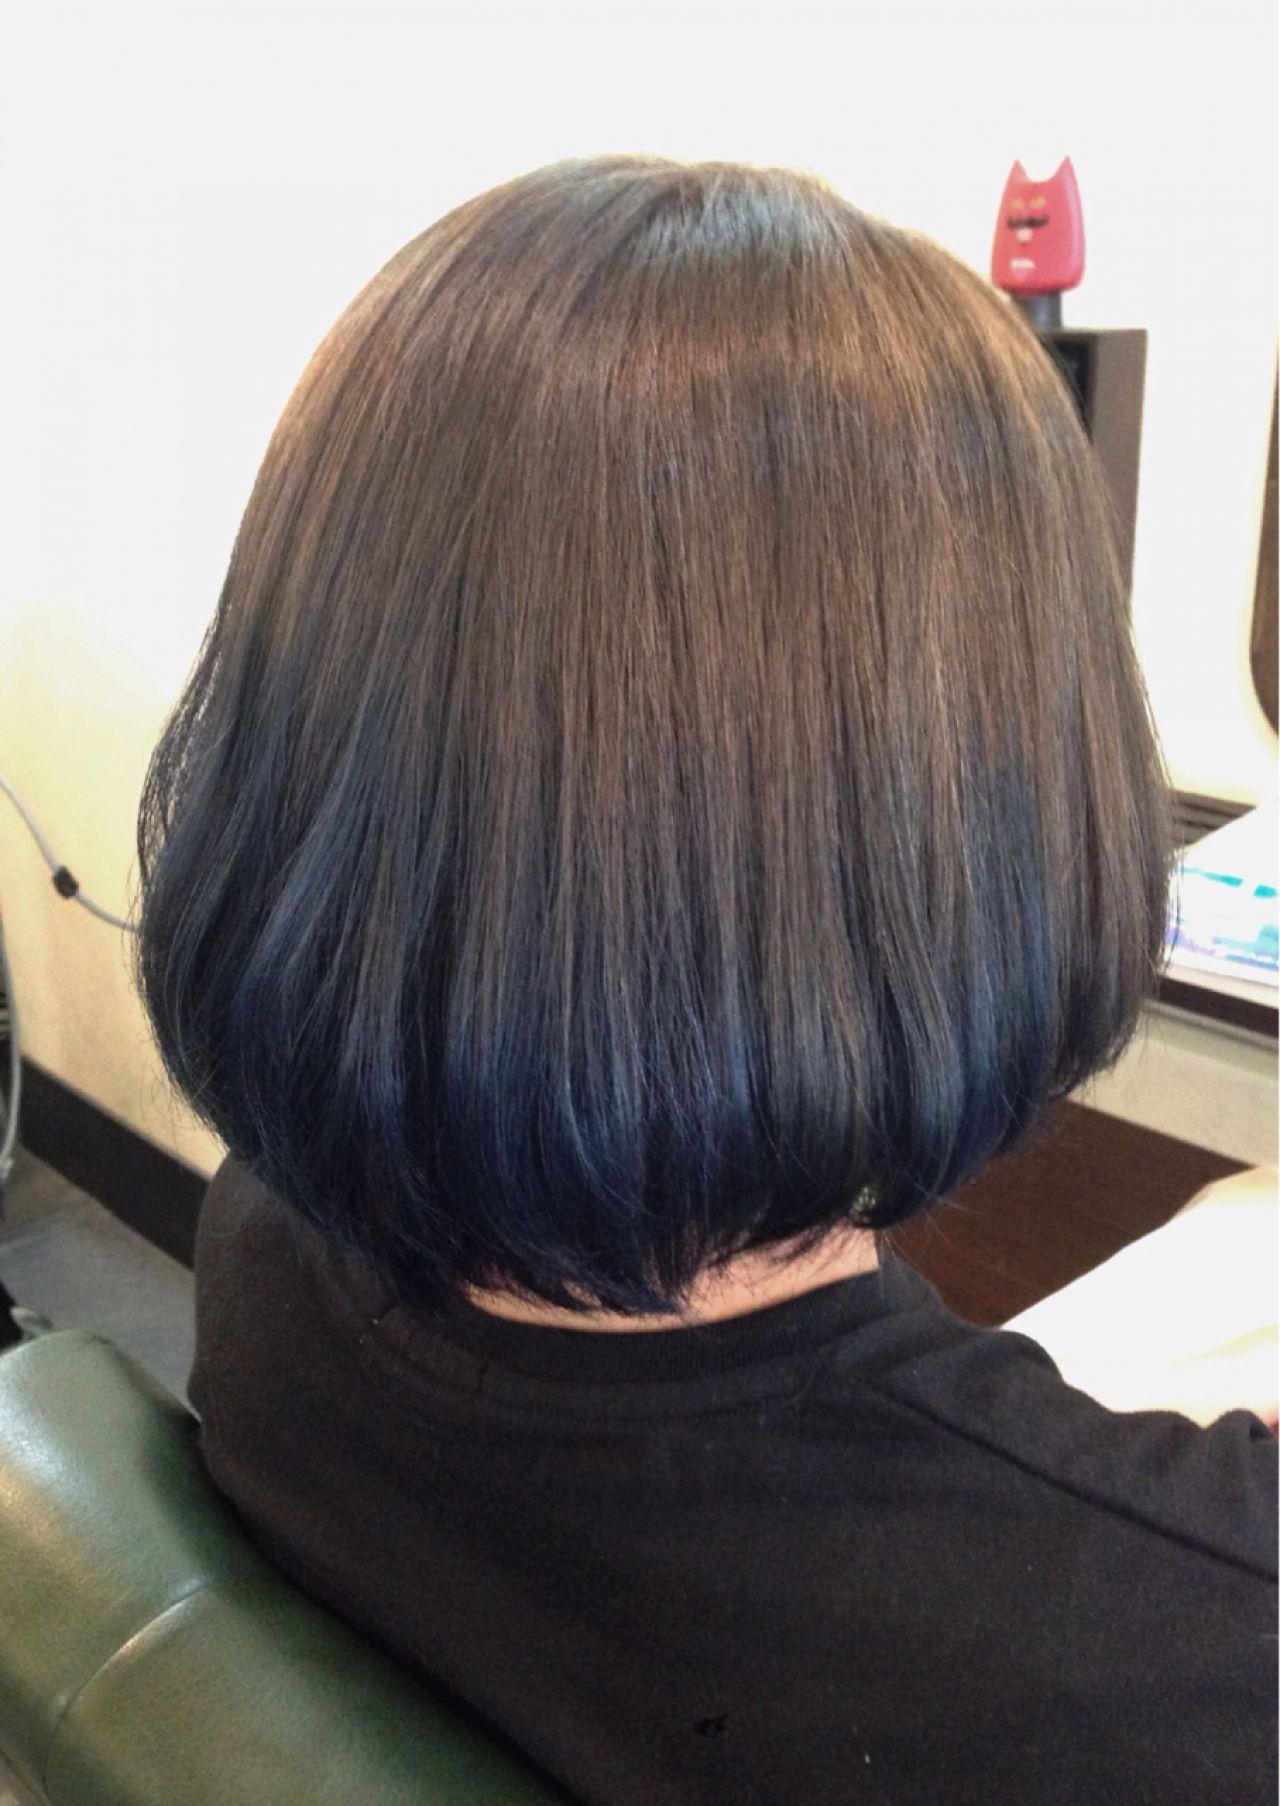 人と被らない私だけのスタイルに。ボブ×グラデーションカラーのヘアスタイルまとめ 野口 輝/vicushair